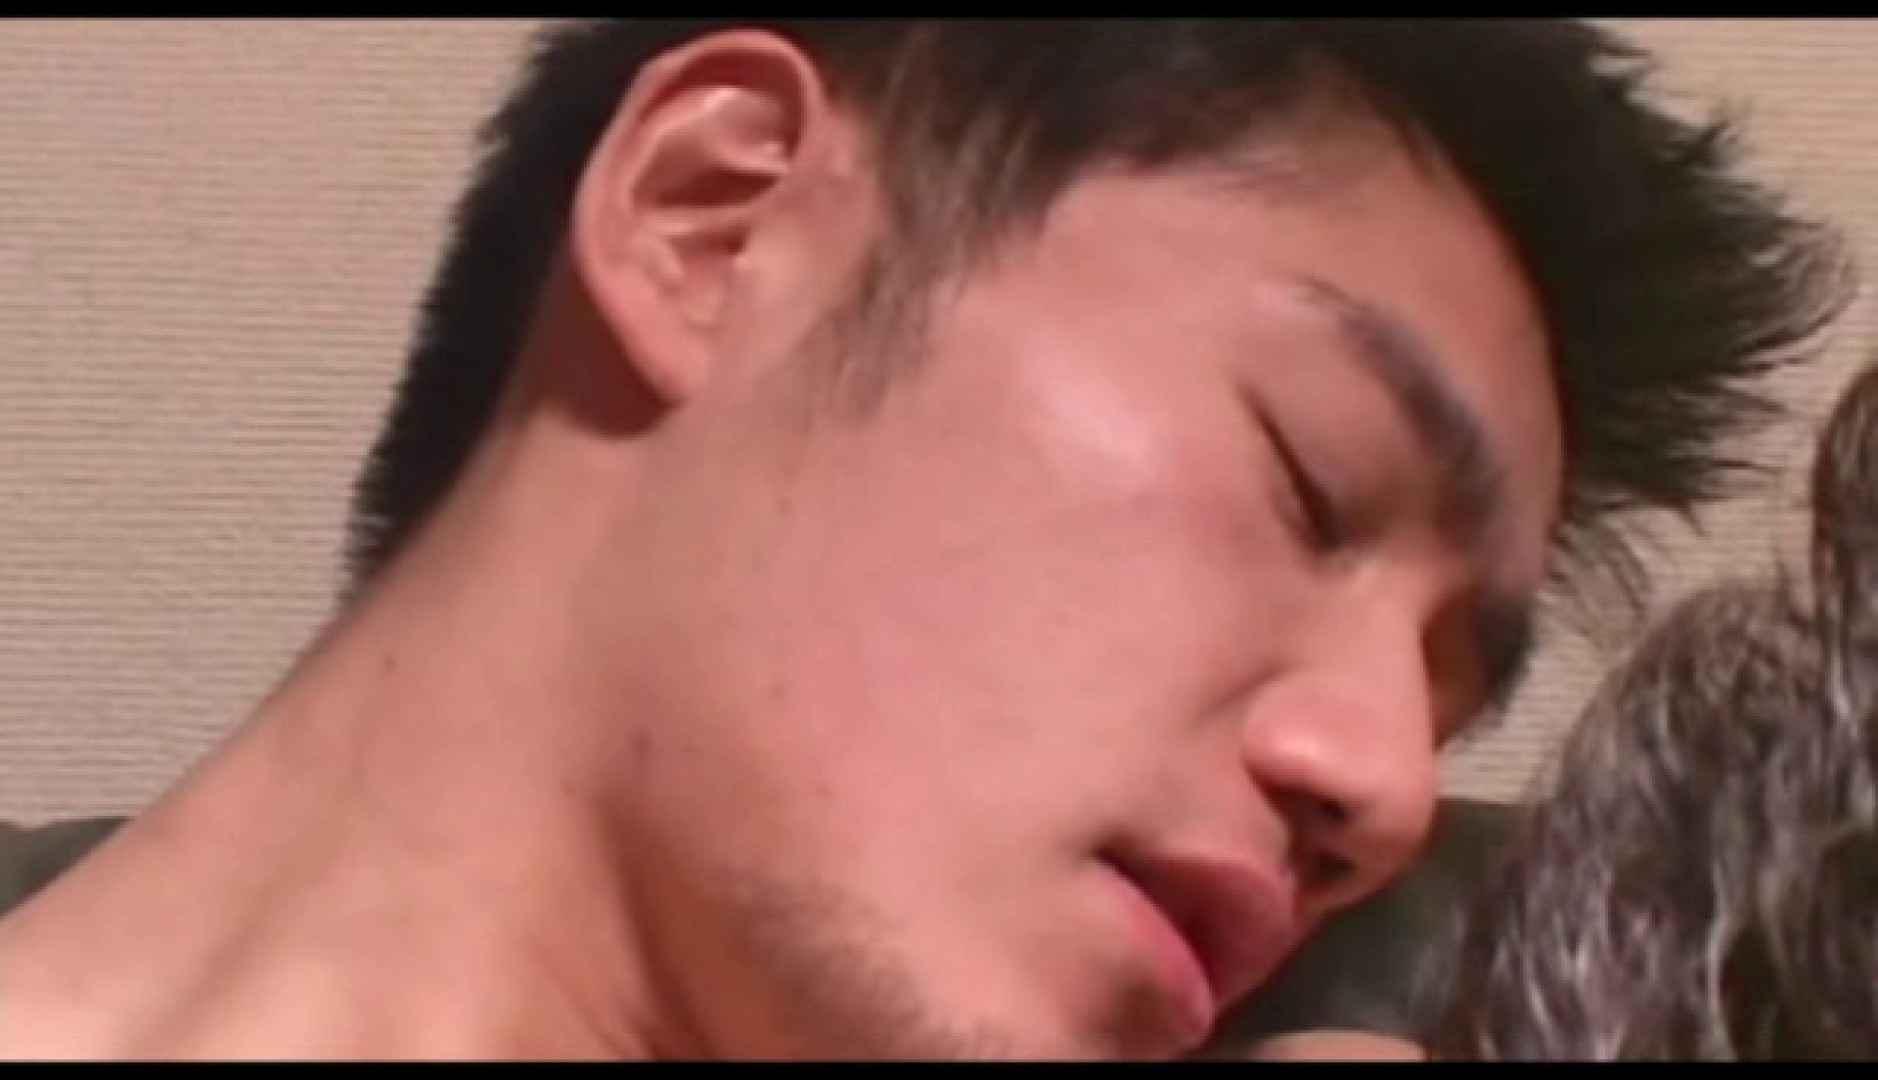 イケメンダブルス!Vol.02 イケメン特集 尻マンコ画像 10枚 10